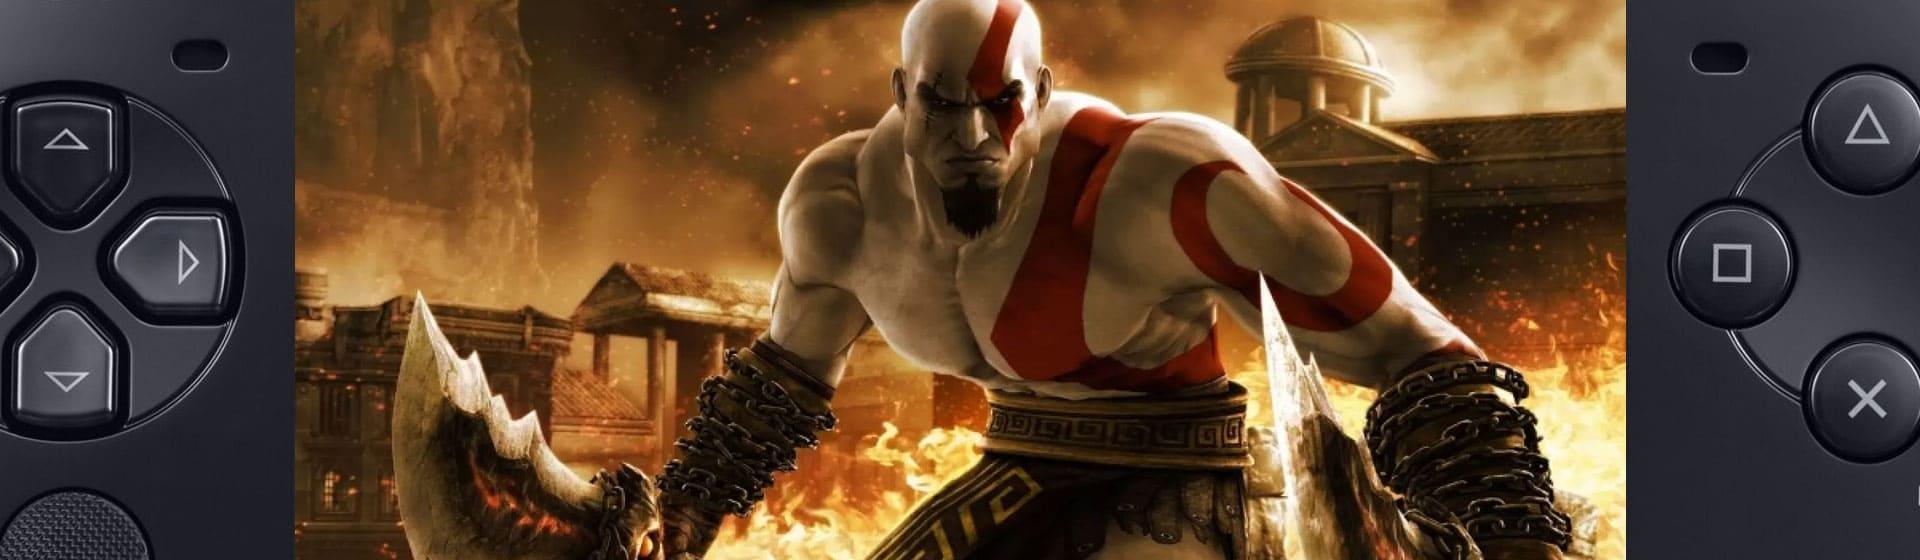 Controles de PSP com Kratos, do jogo God of War ao fundo